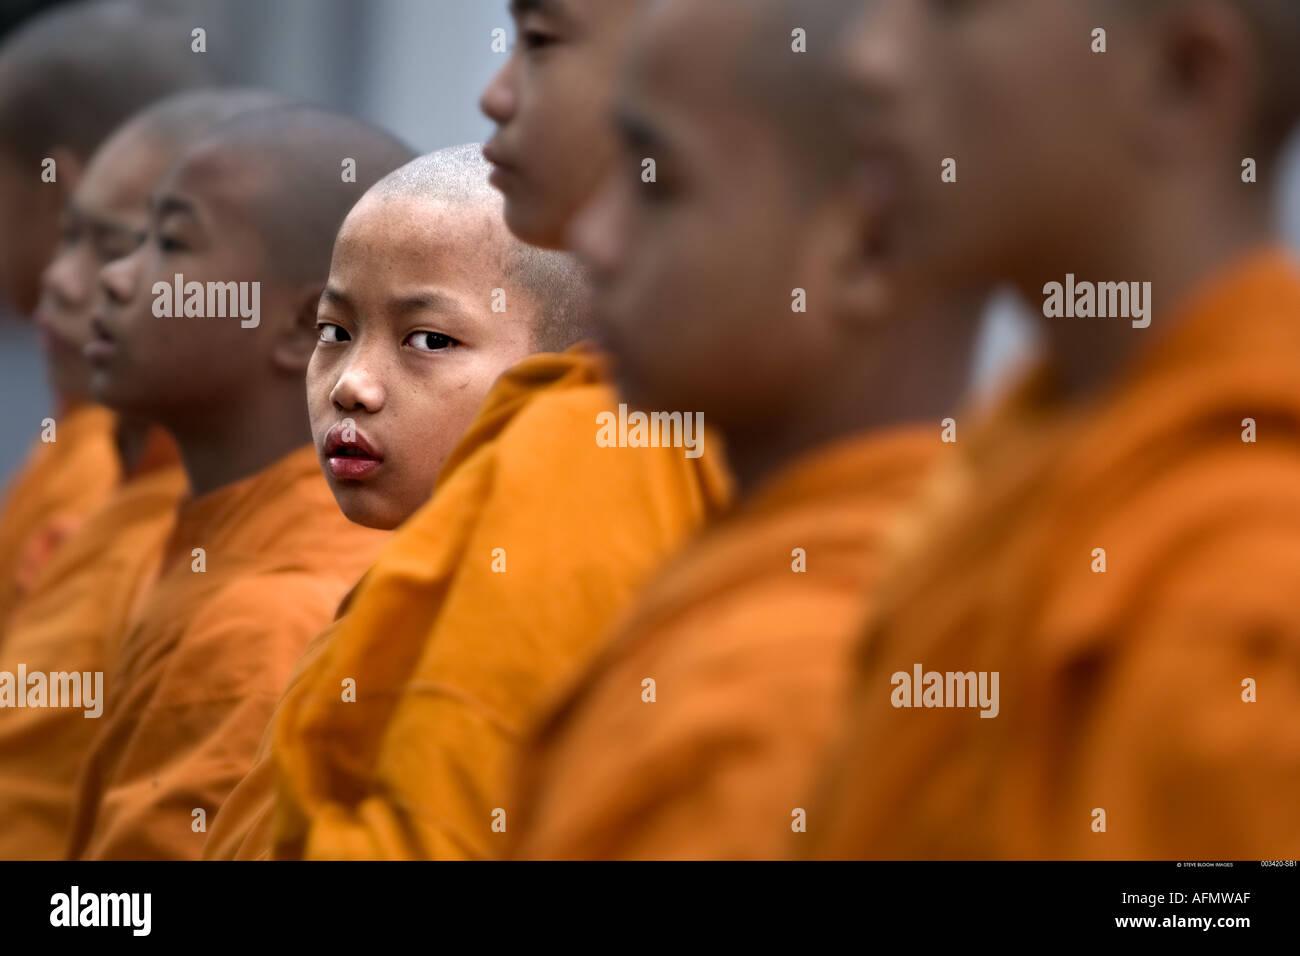 Les jeunes moines bouddhistes dans un temple bouddhiste du temple de la Mahabodhi Society de Bouddha Sarnath Inde Photo Stock